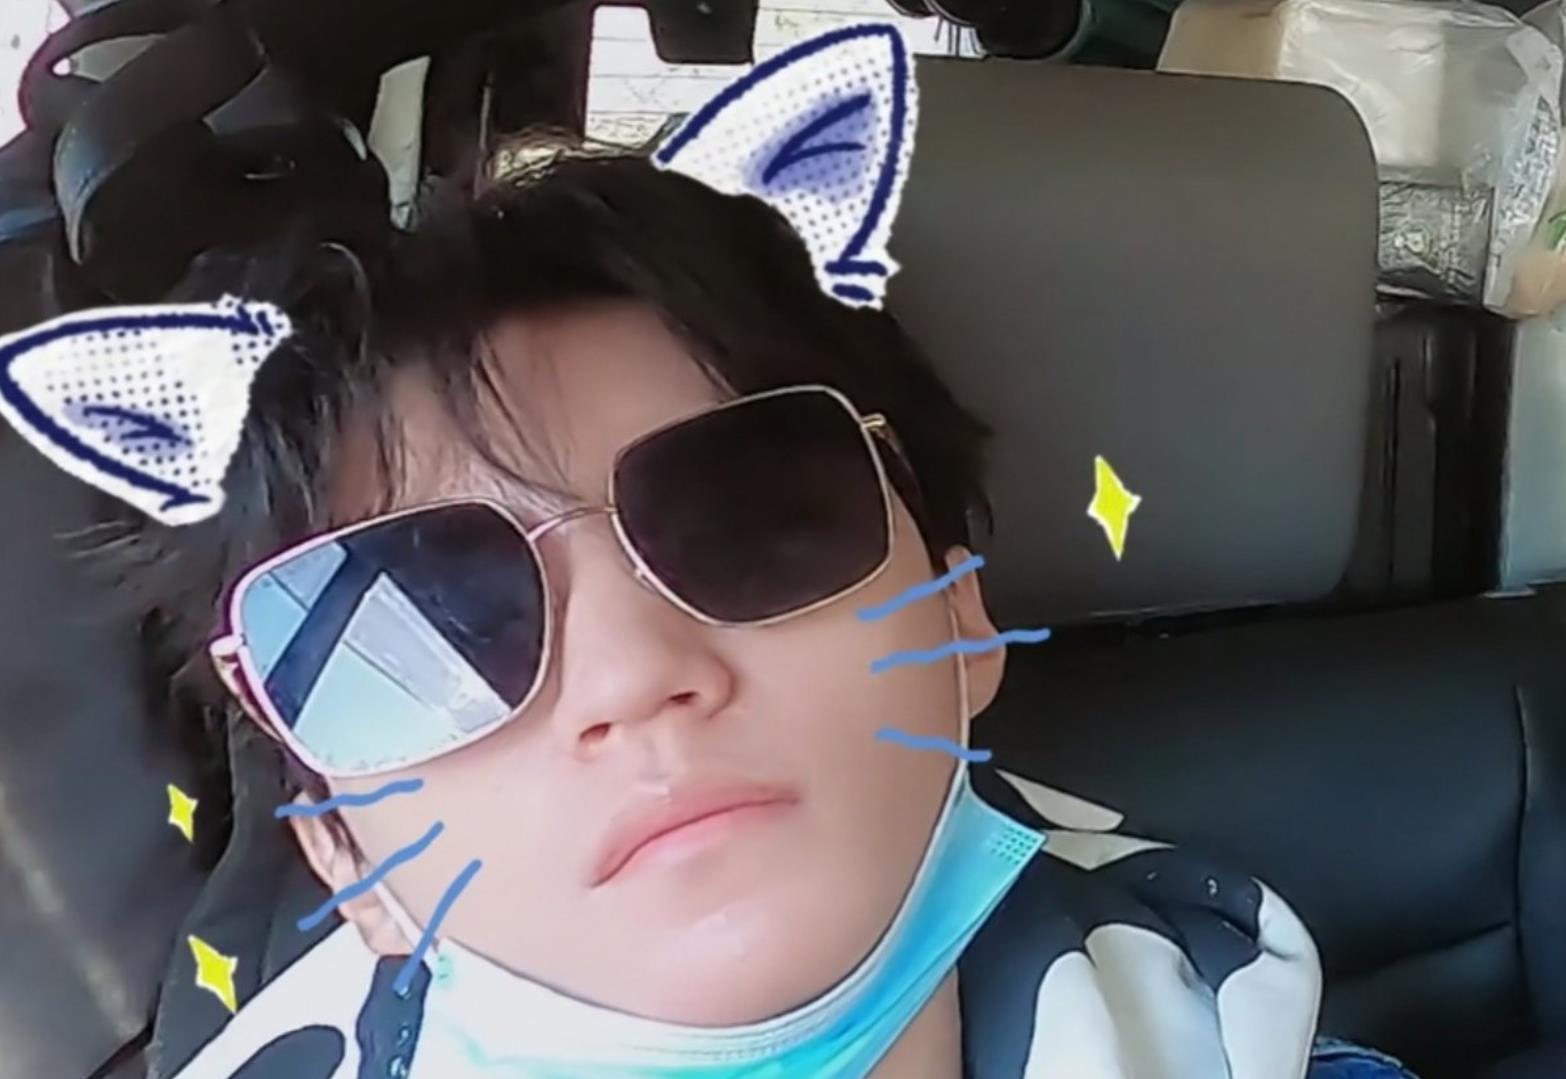 王俊凯睡觉还戴墨镜,董子健犀利吐槽,暴露小凯熟睡后的五官特征